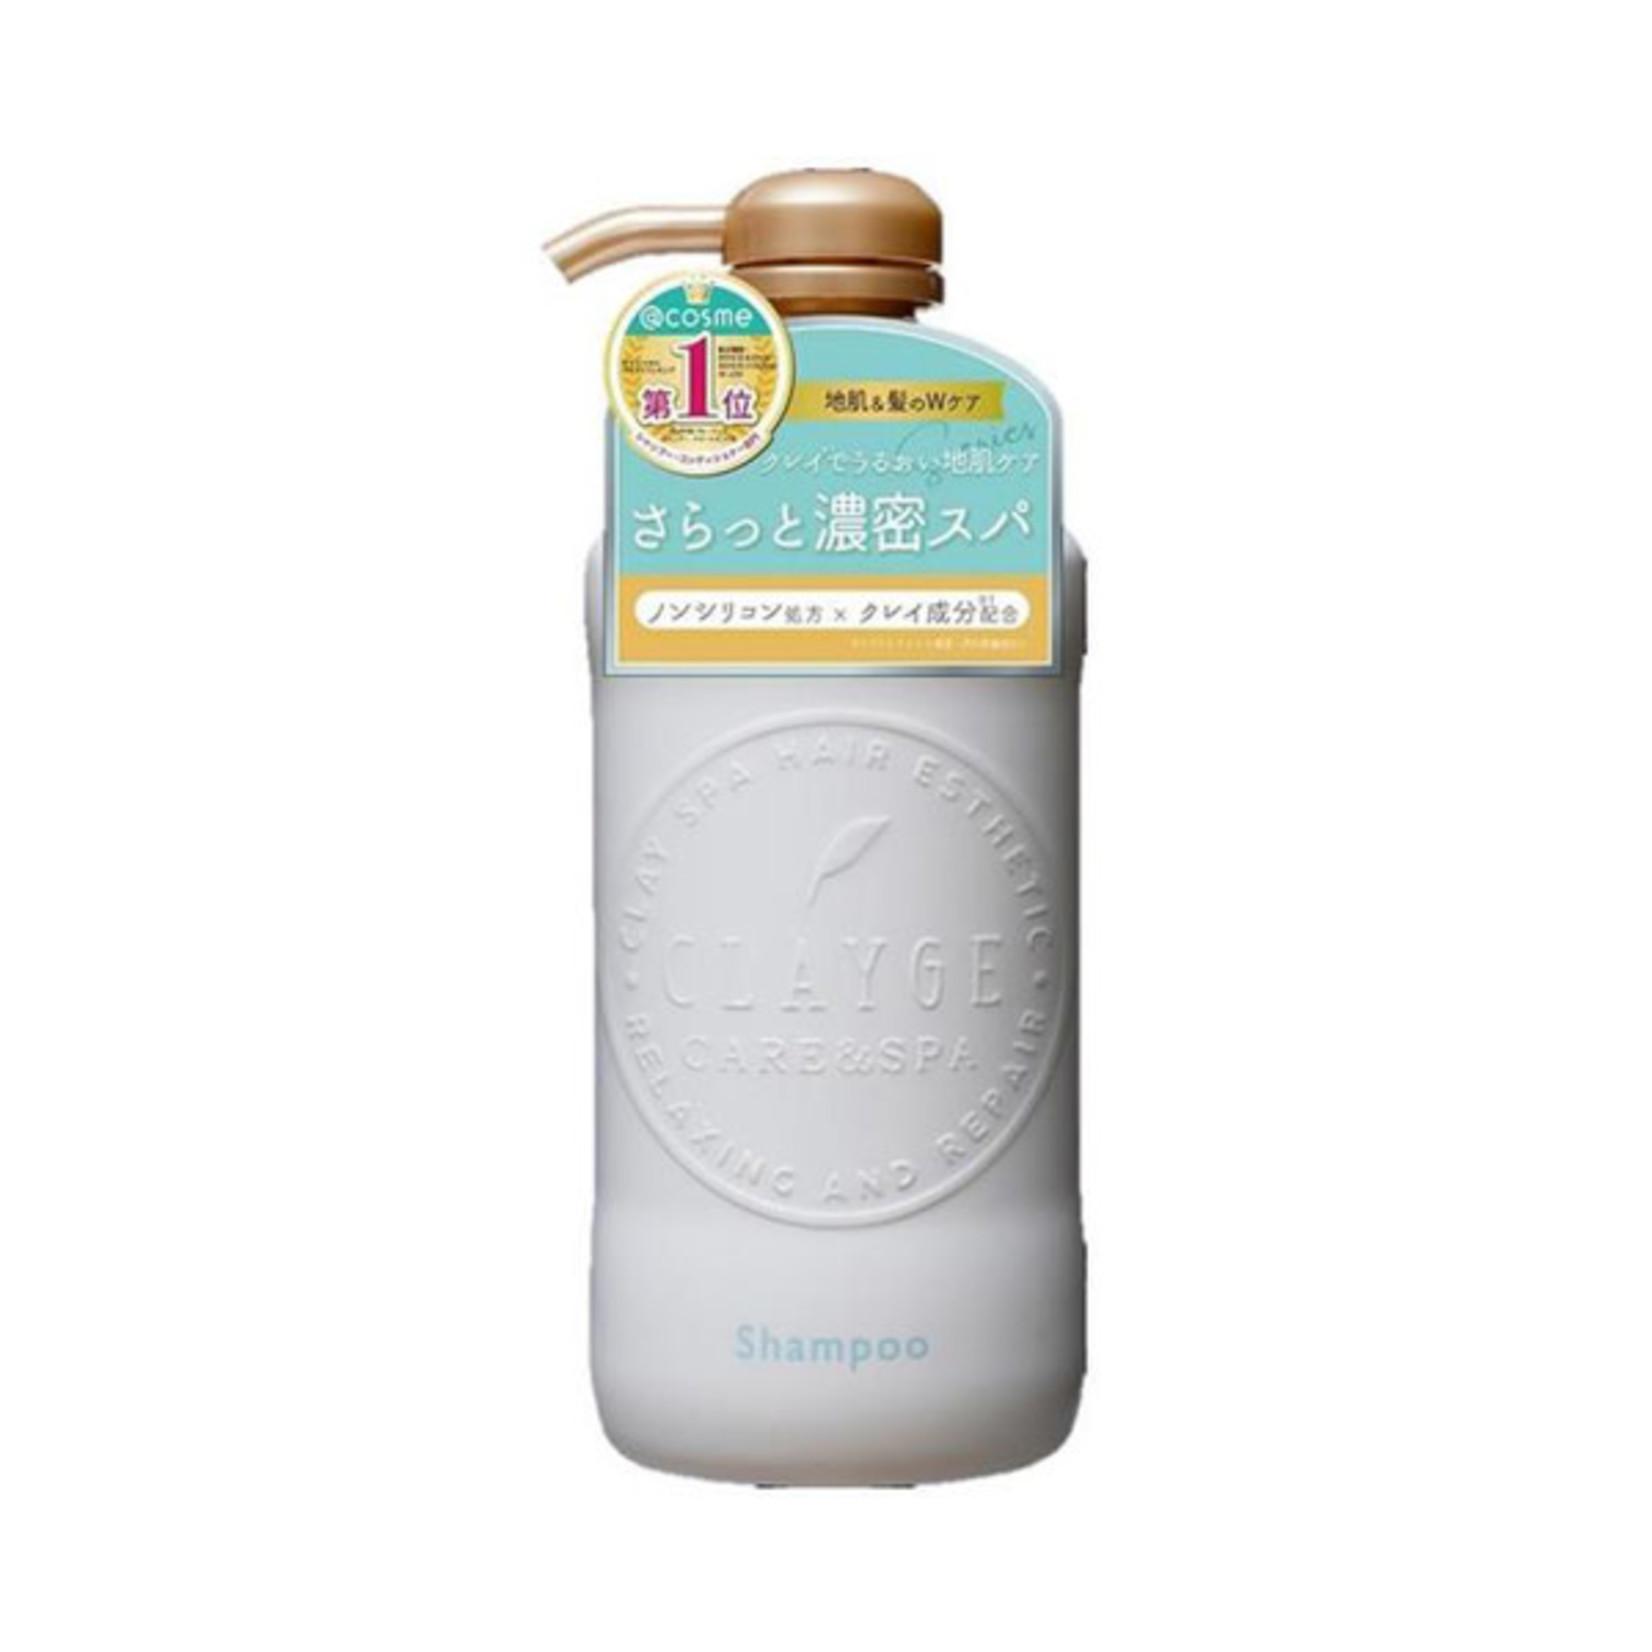 Clayge Clayge Shampoo S N